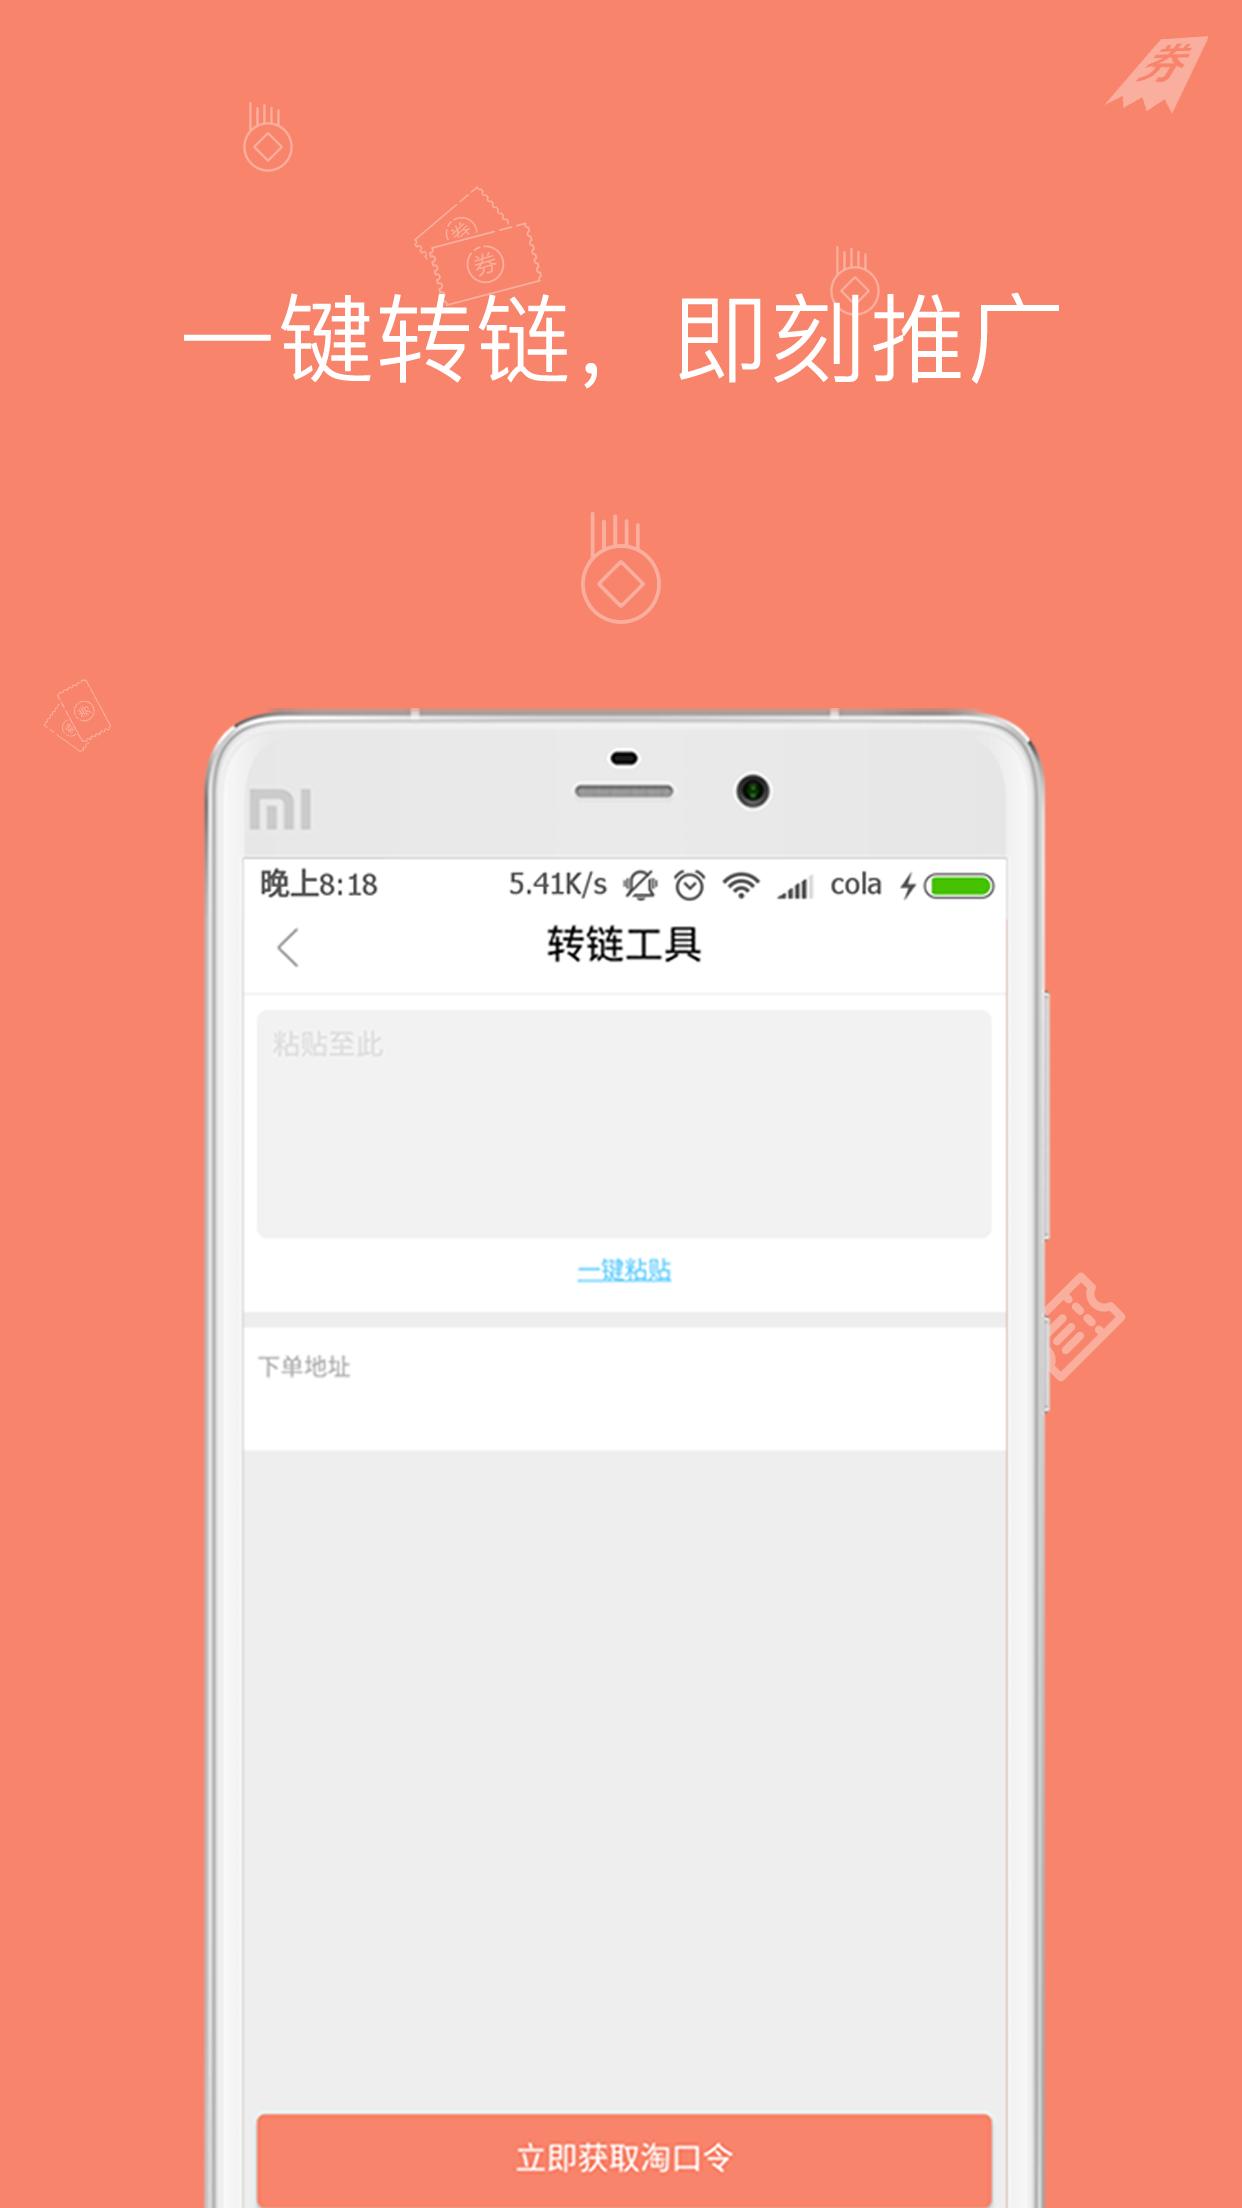 淘精灵软件官网下载图4: